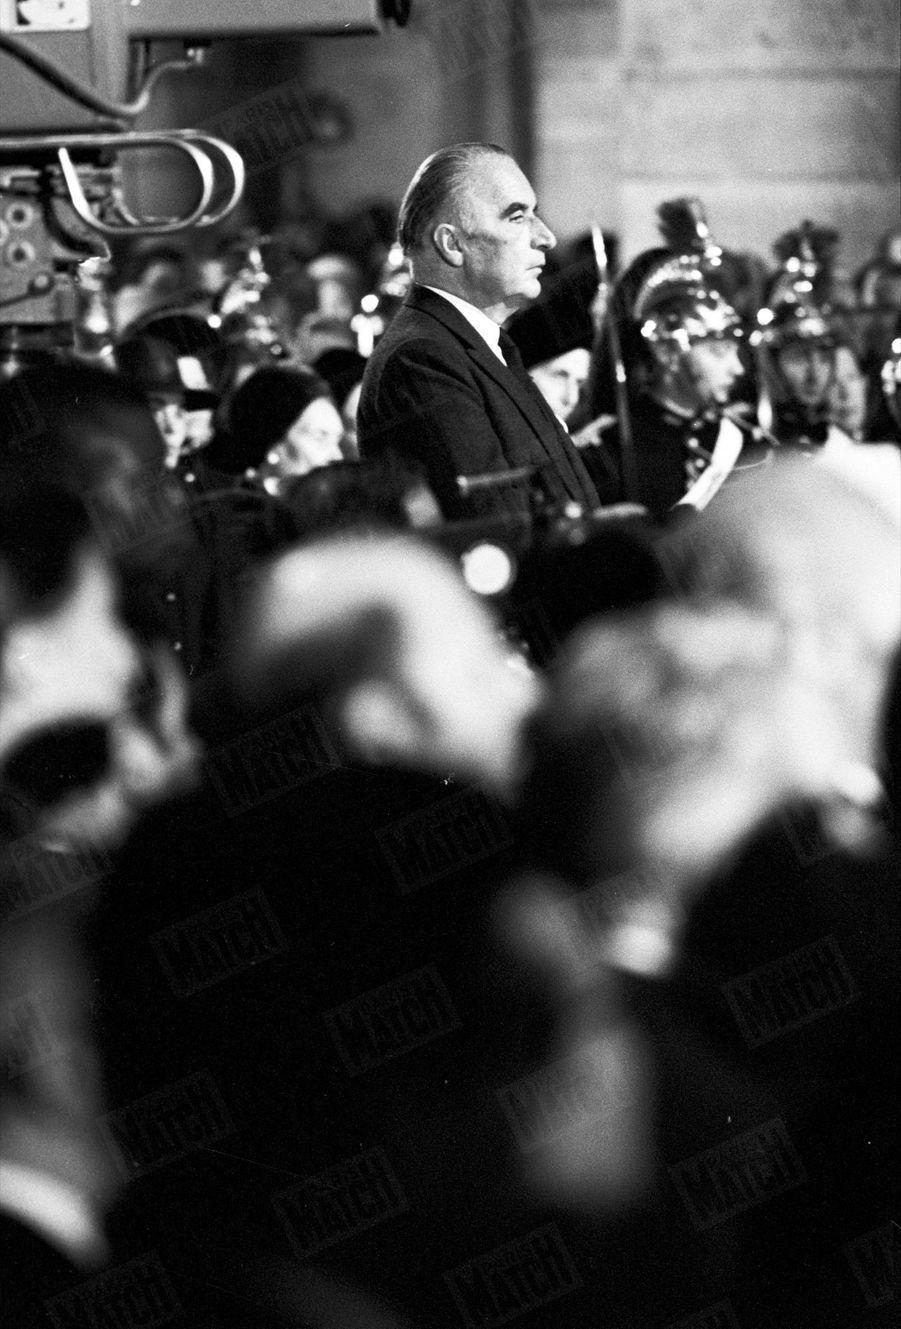 Le président Georges Pompidou, lors de la cérémonie pour le premier anniversaire de la mort de Charles de Gaulle, en novembre 1971.